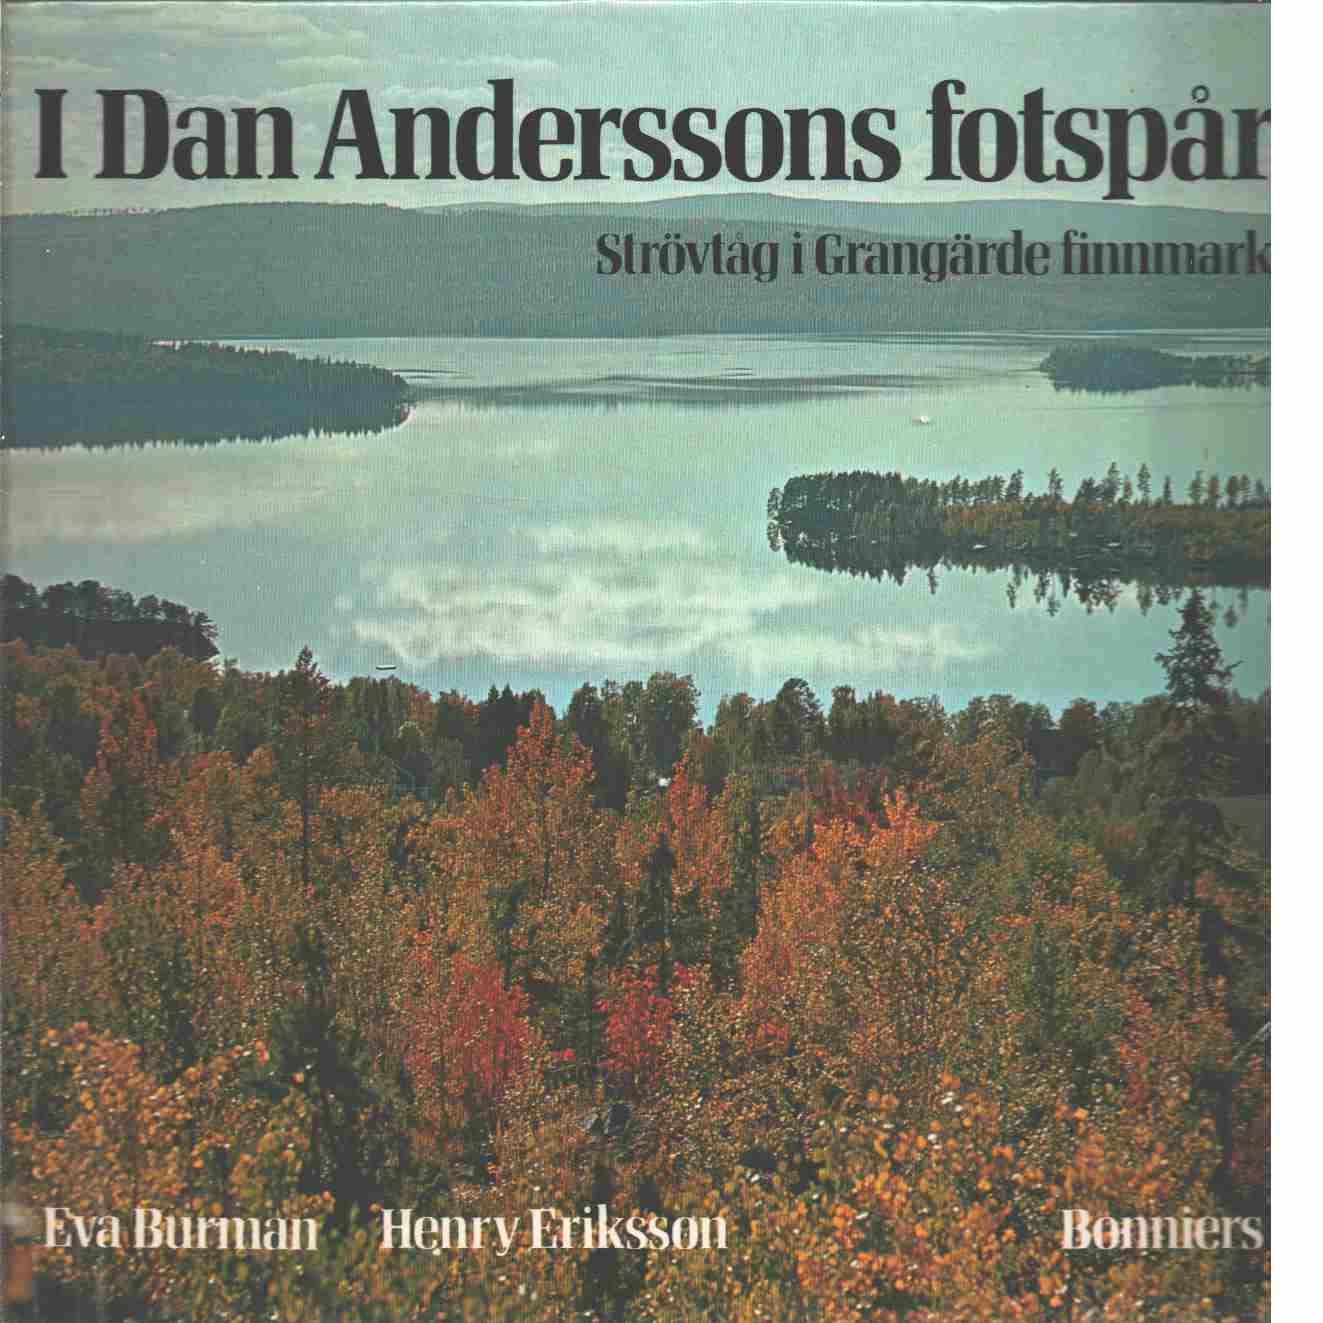 I Dan Anderssons fotspår - Strövtåg i Grangärde finnmark - Burman, Eva och Eriksson, Henry